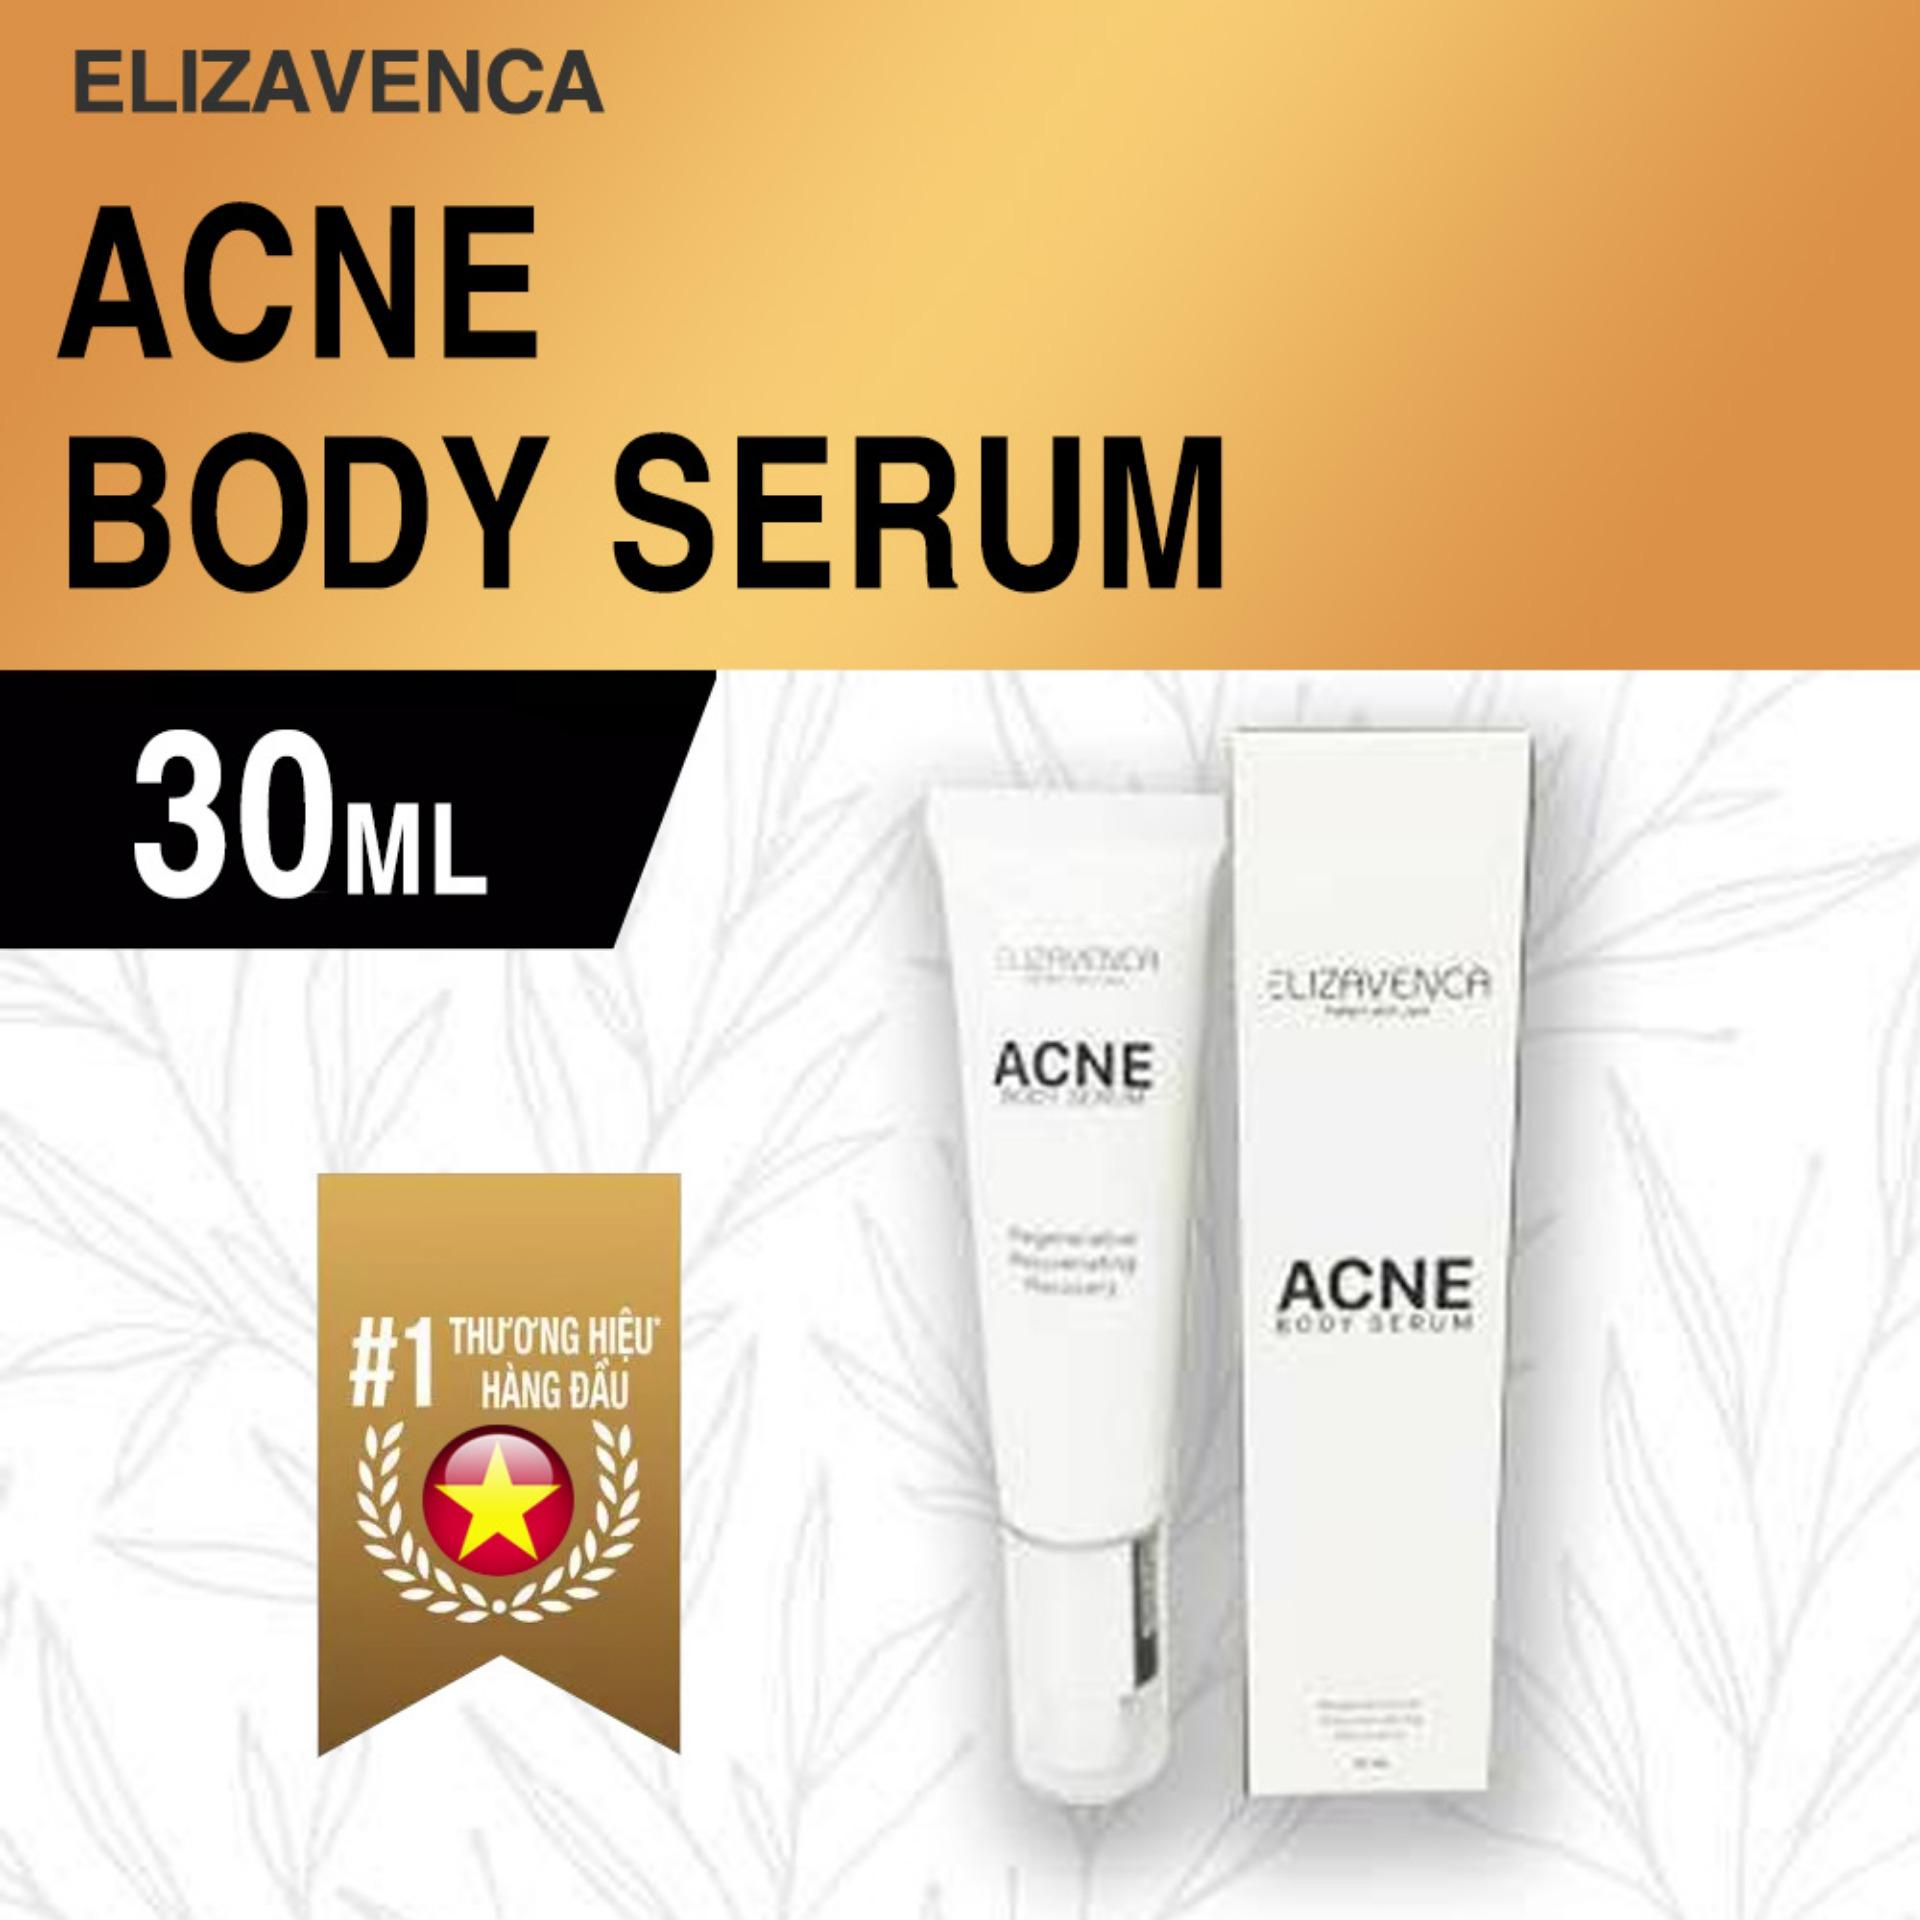 Serum đặc trị thâm mông vùng kín Elizavenca Acne Body Serum (Trị mụn, viêm, thâm, xạm da)